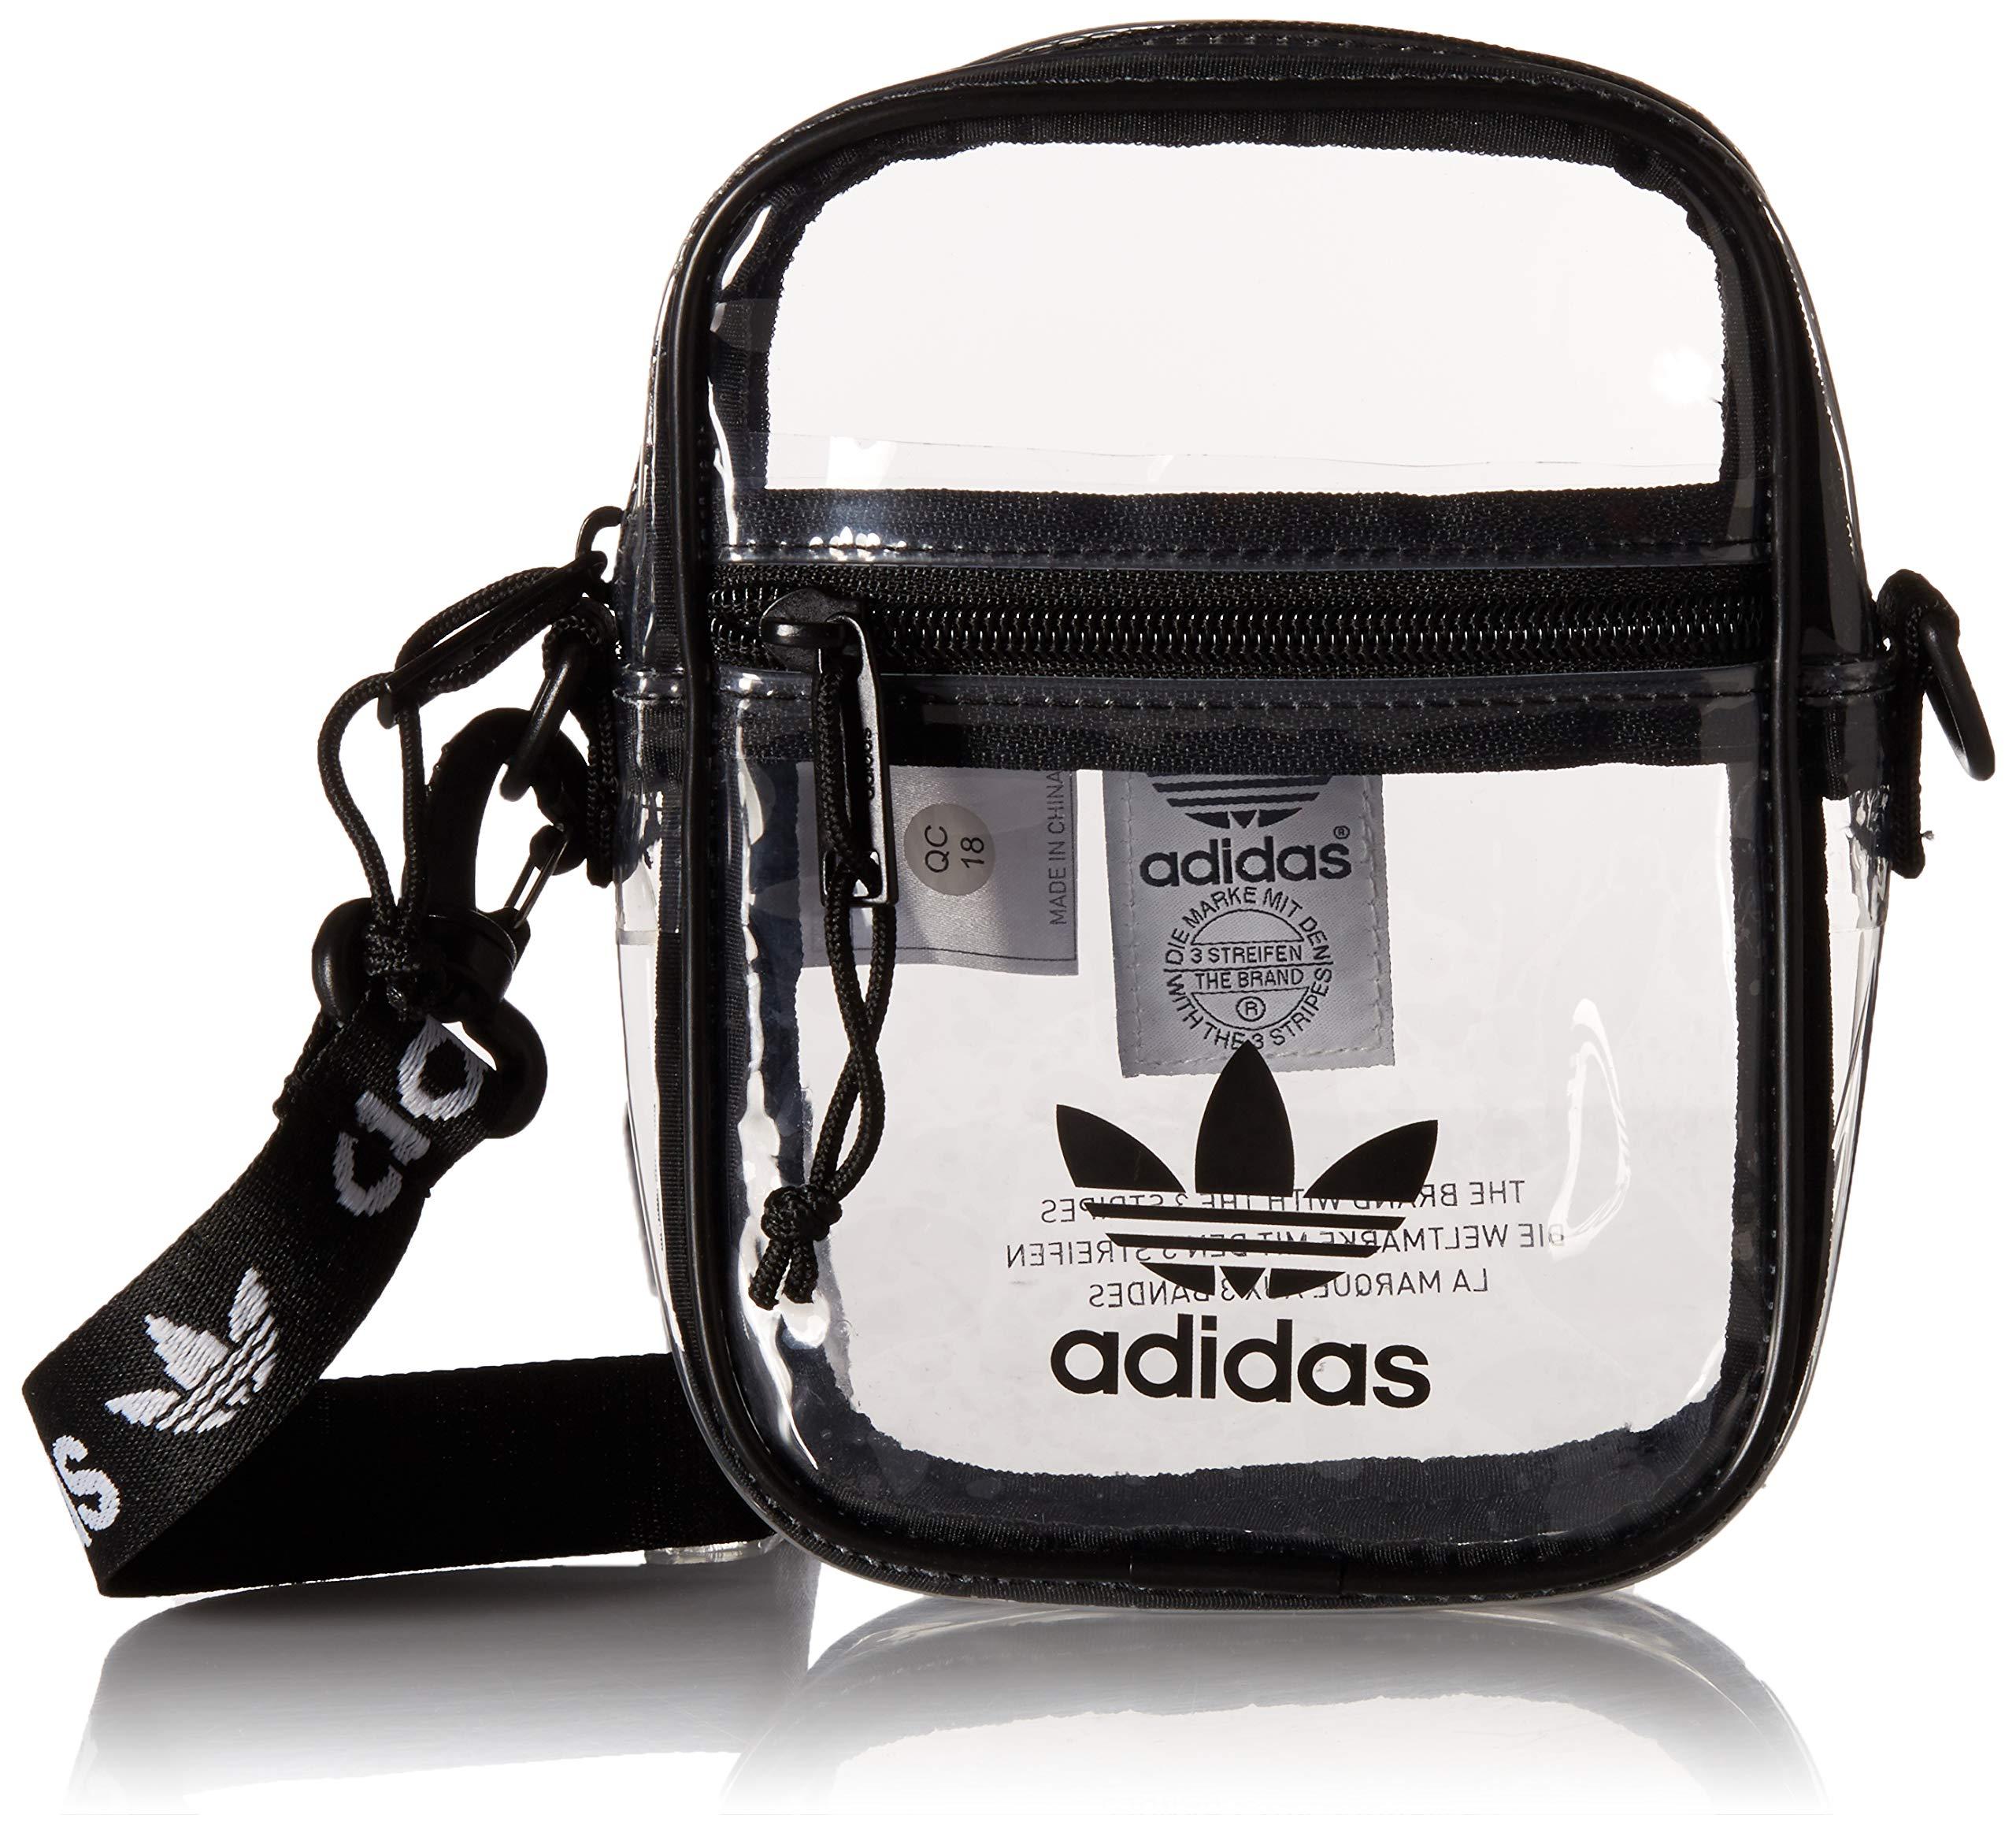 adidas Originals Originals Clear Festival Crossbody, Black, One Size